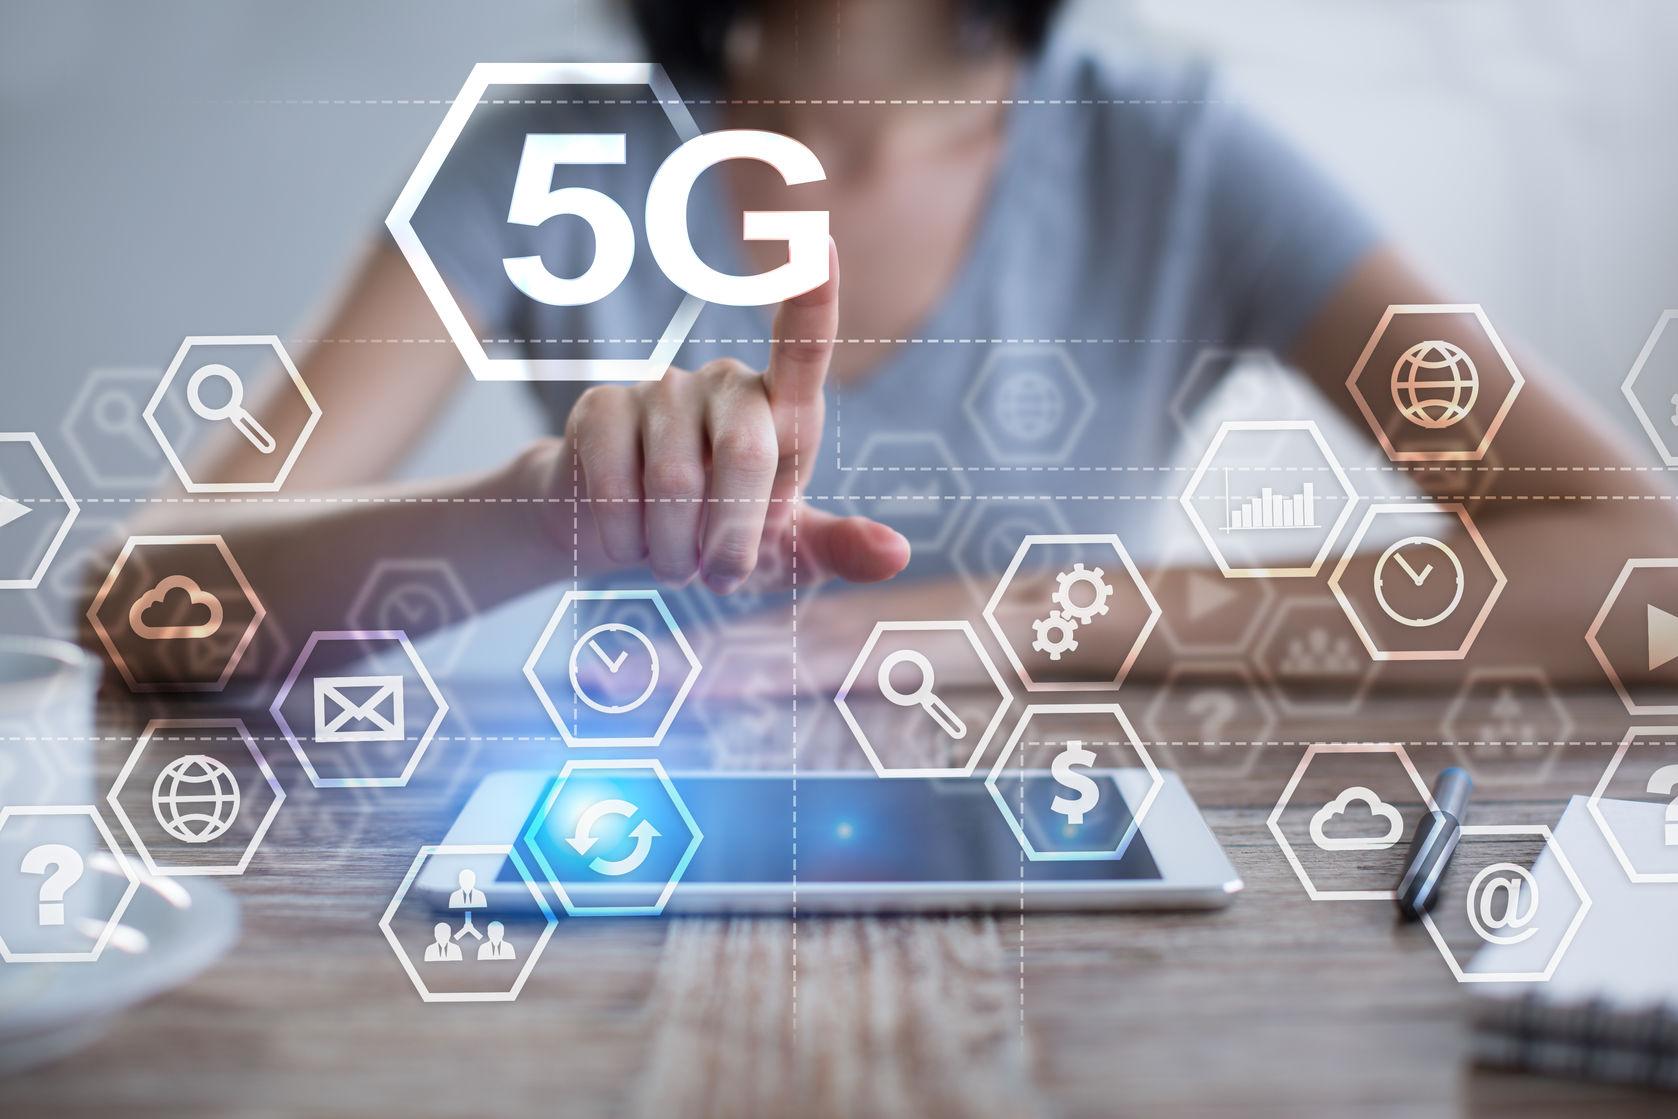 世界移动通信大会开幕 中国企业携5G手机亮相